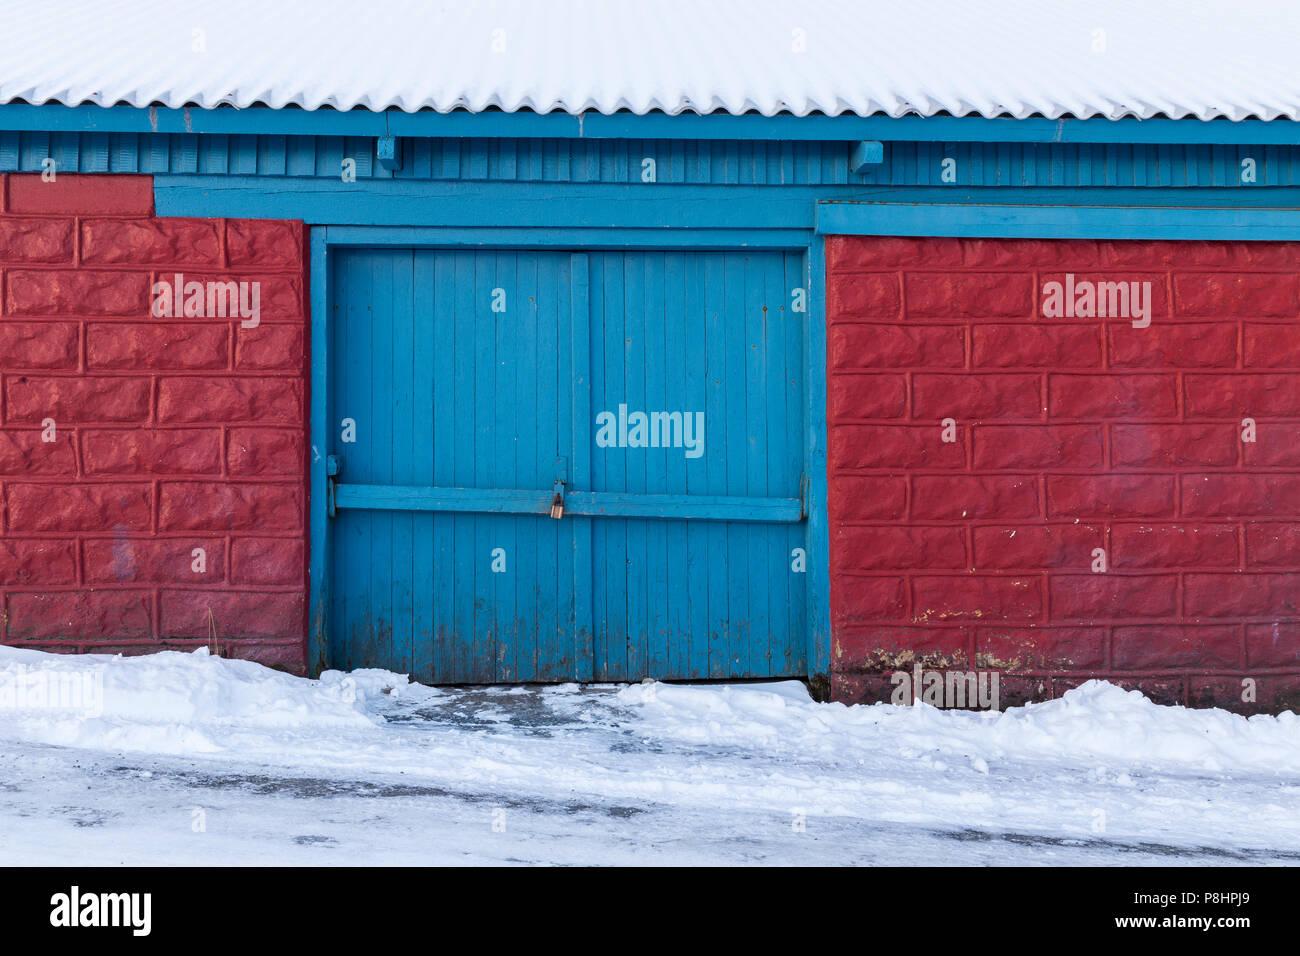 Vieux Portail En Bois portail fermé de vieux hangar en bois, briques rouges avec